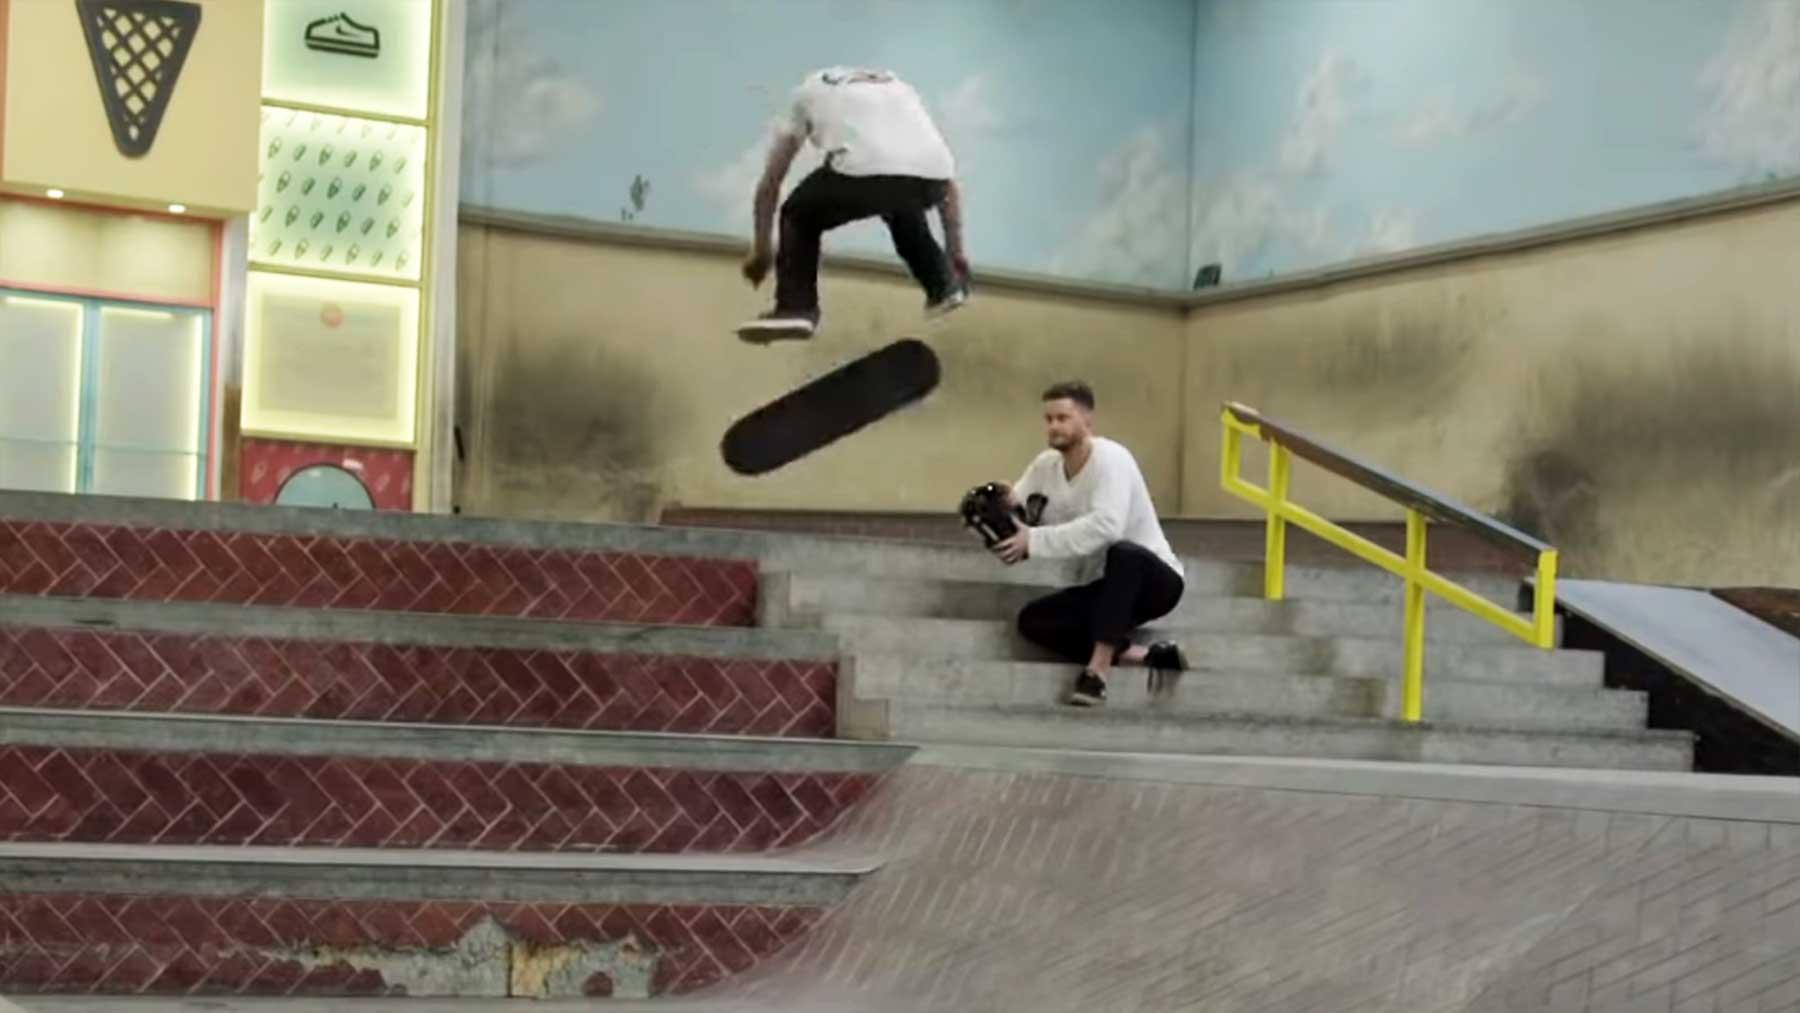 Wie Yoshi Tanenbaum einen neuen Skateboard-Trick versucht Yoshi-Tanenbaum-versucht-skateboard-trick